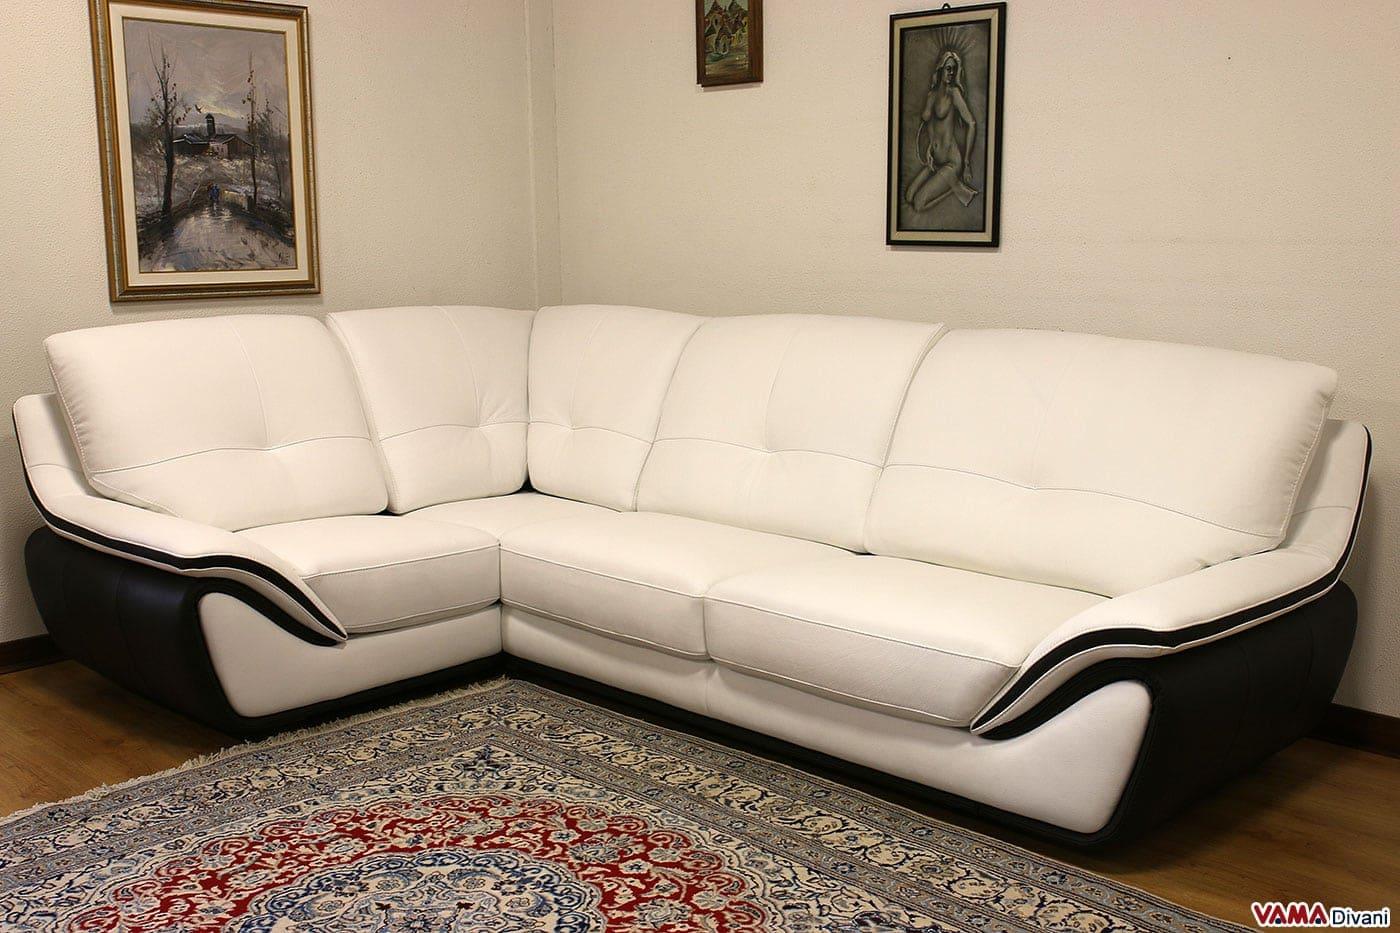 Divano in pelle moderno bianco schienale alto avvolgente for Divani ad angolo misure